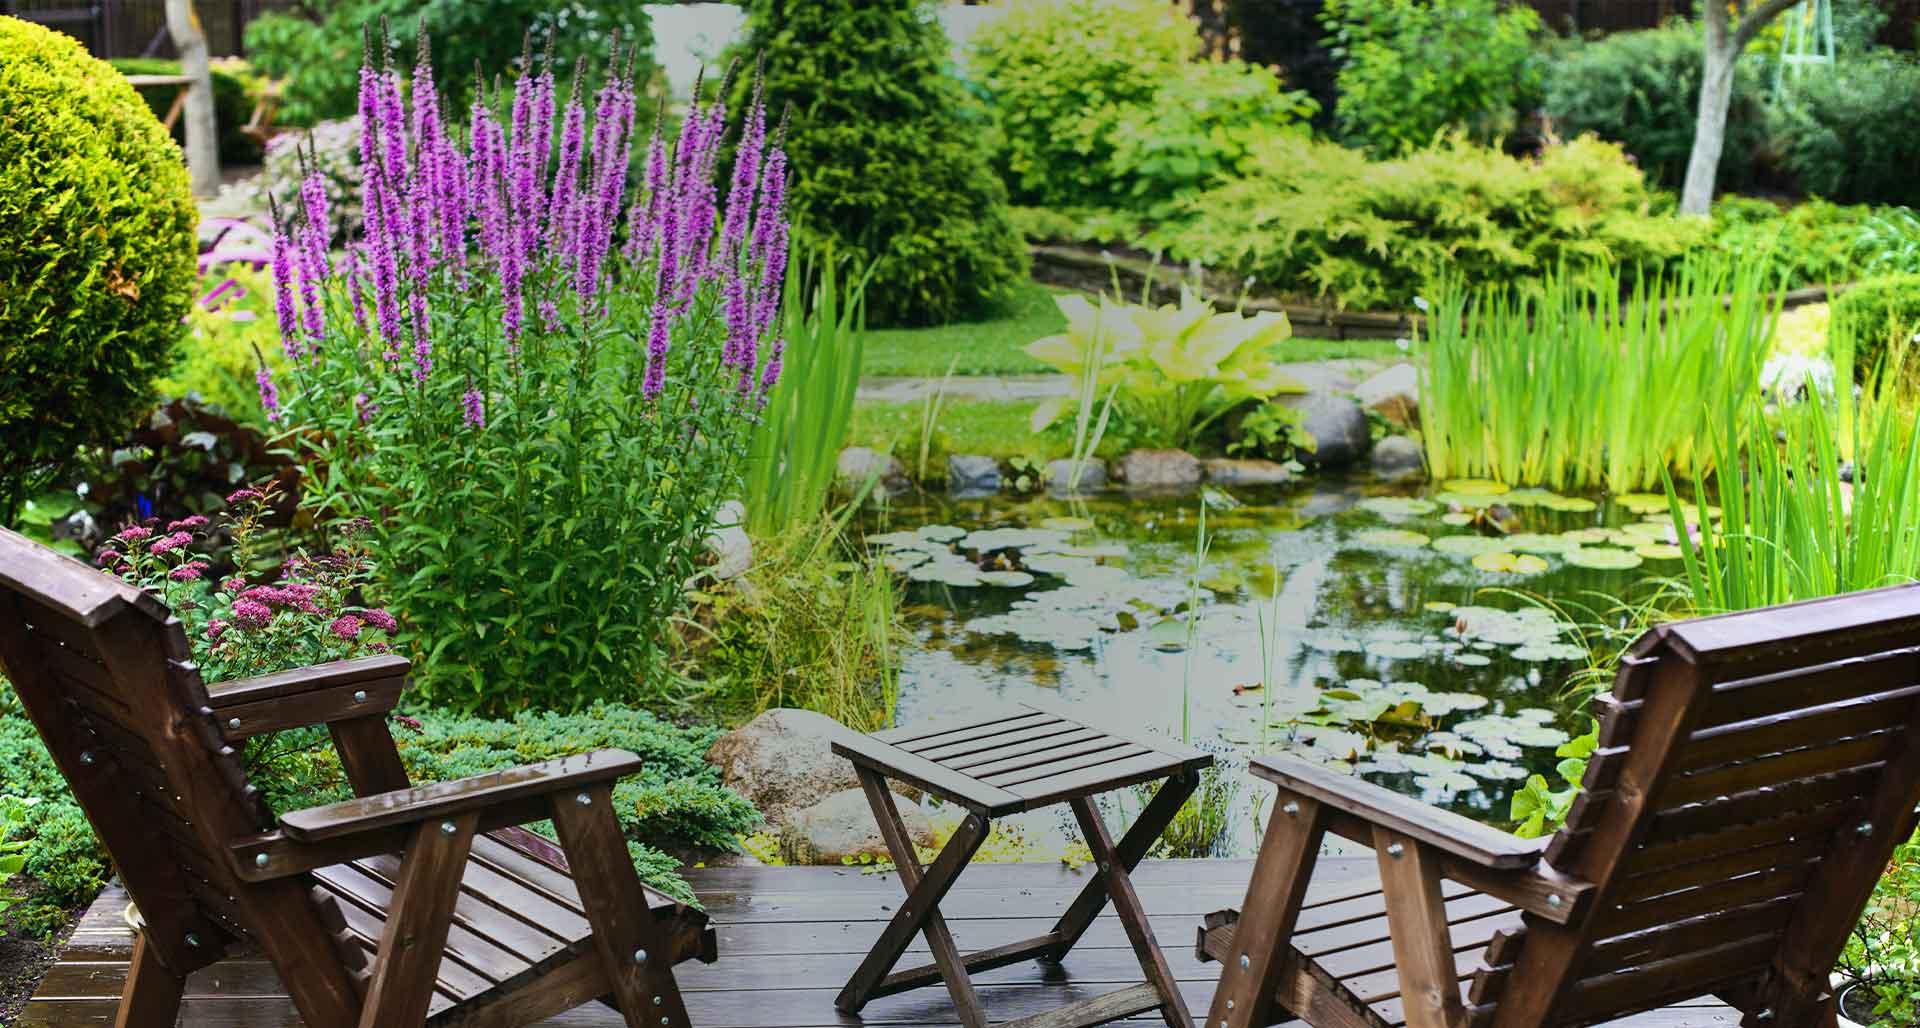 Jardineries Truffaut : Spécialiste Jardin, Animaux, Maison ... encequiconcerne Salon De Jardin Truffaut